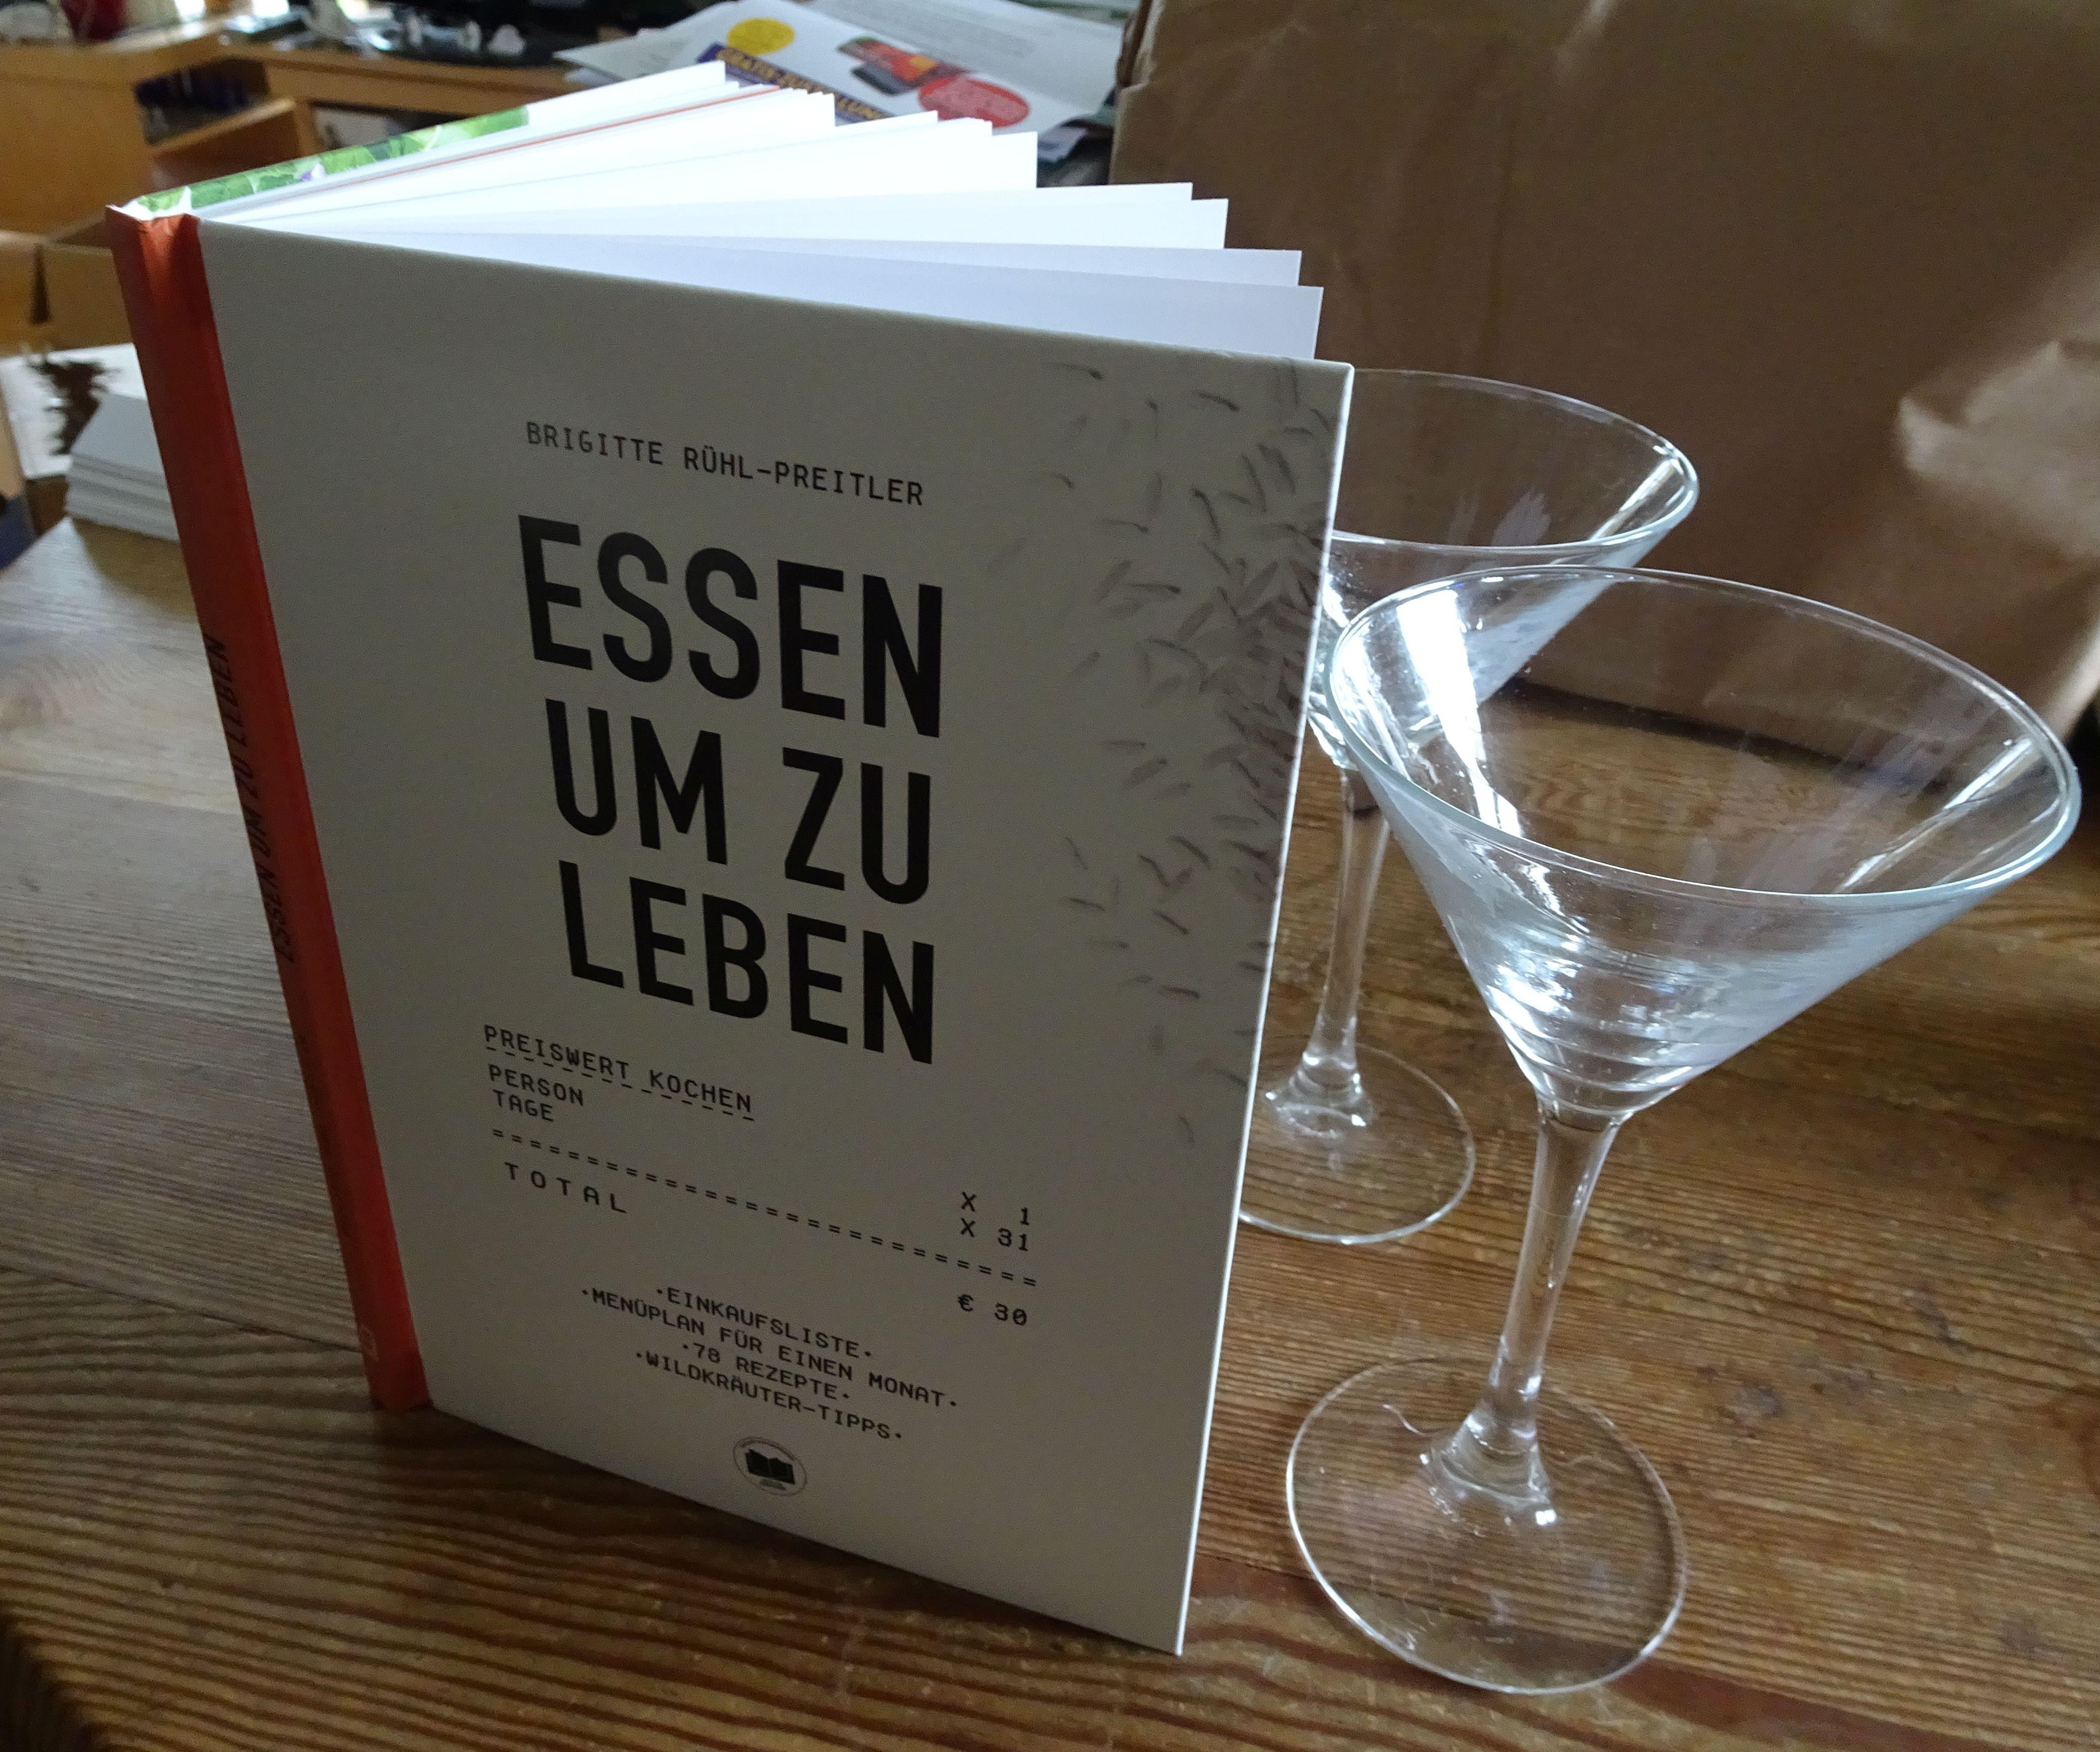 Verantwortungsvoll und bewusst einkaufen und sich nachhaltige gesund und preiswert ernähren. Wie das möglich ist wird im Buch von Brigitte Rühl-Preitler beschrieben.